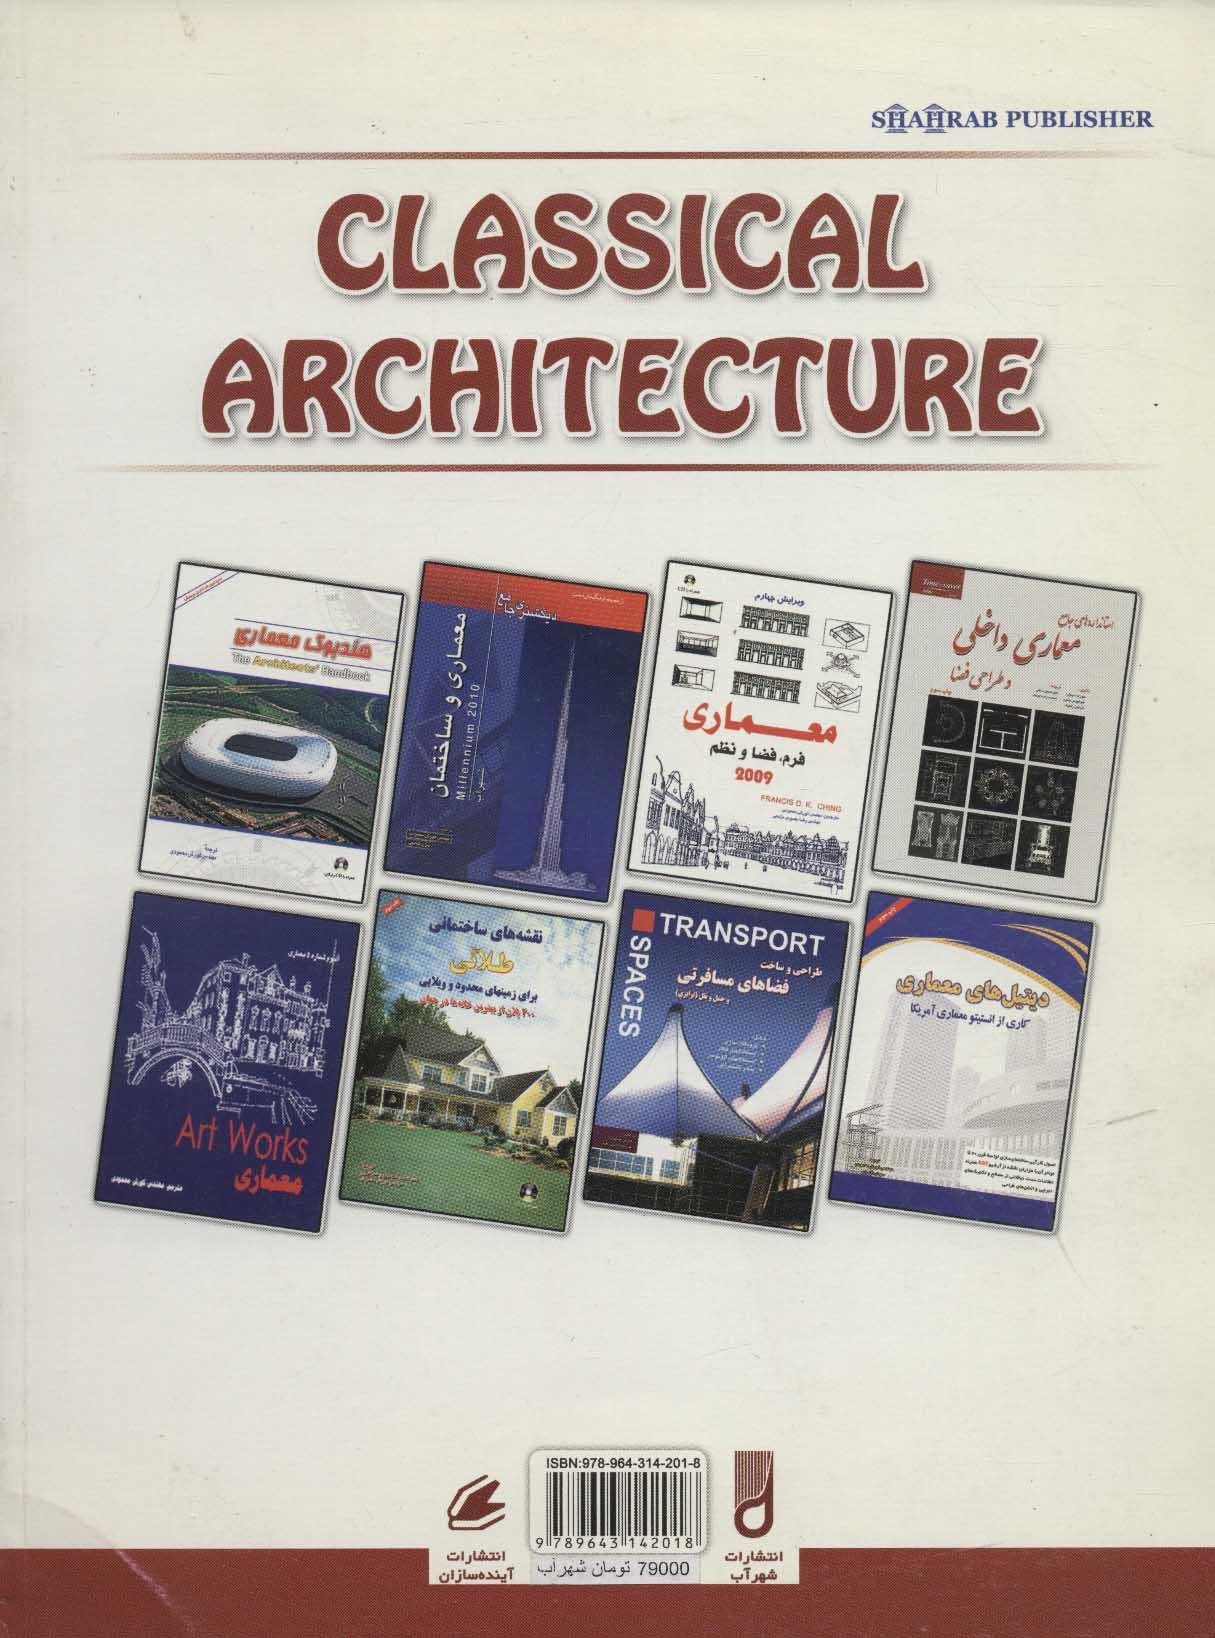 معماری کلاسیک (همراه آثار ارزشمند معماری ملی سالهای 1856-1994)